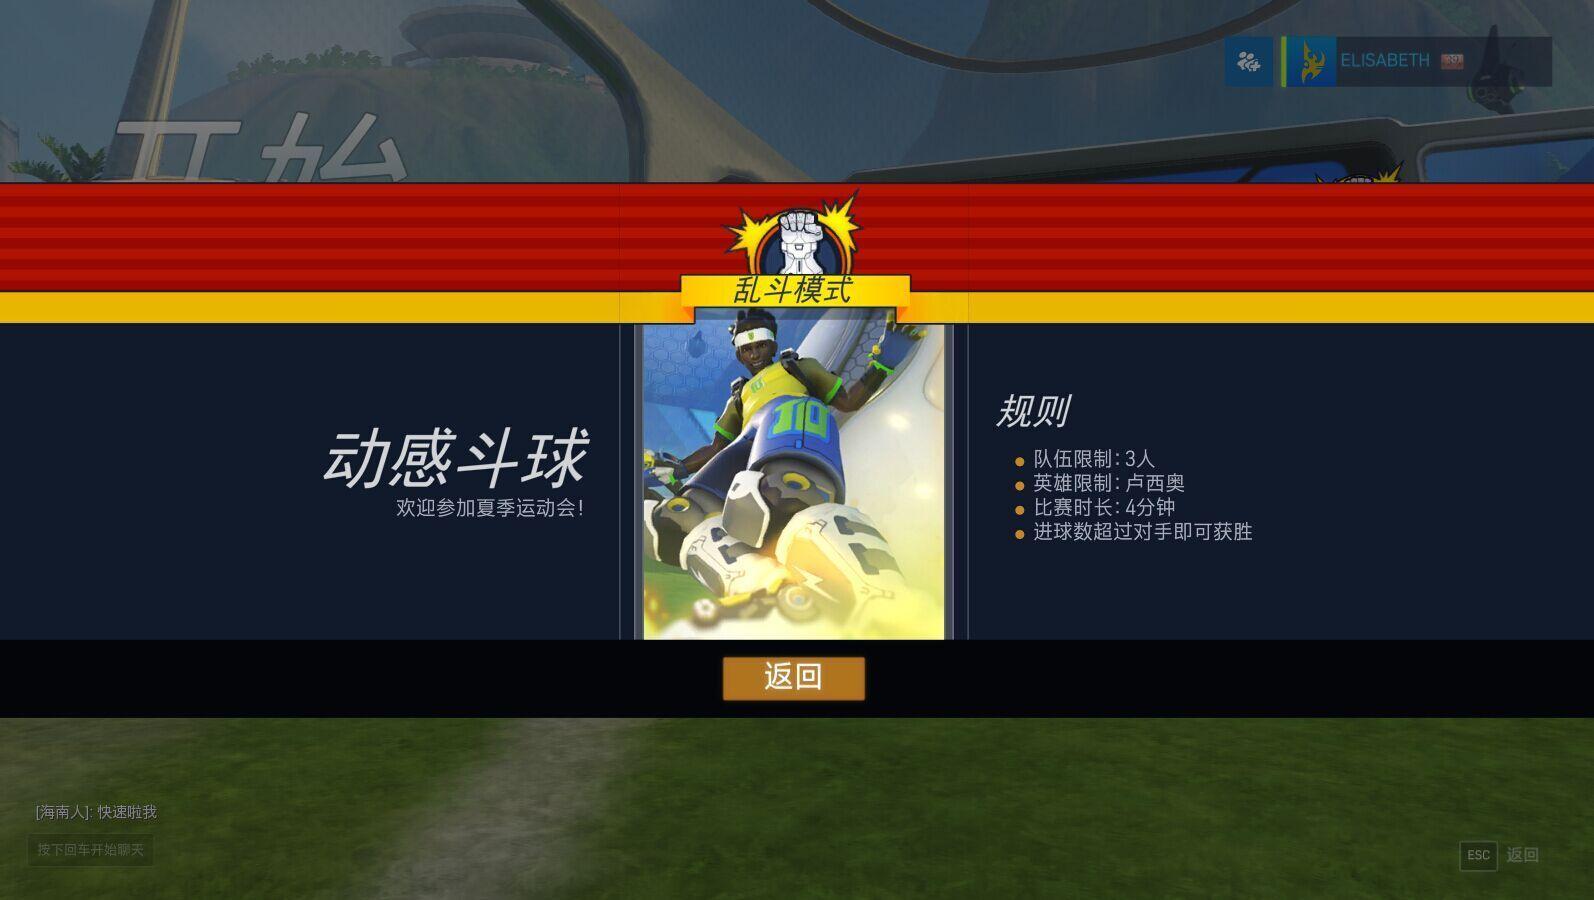 《守望先锋》足球模式中使用bug或将封号